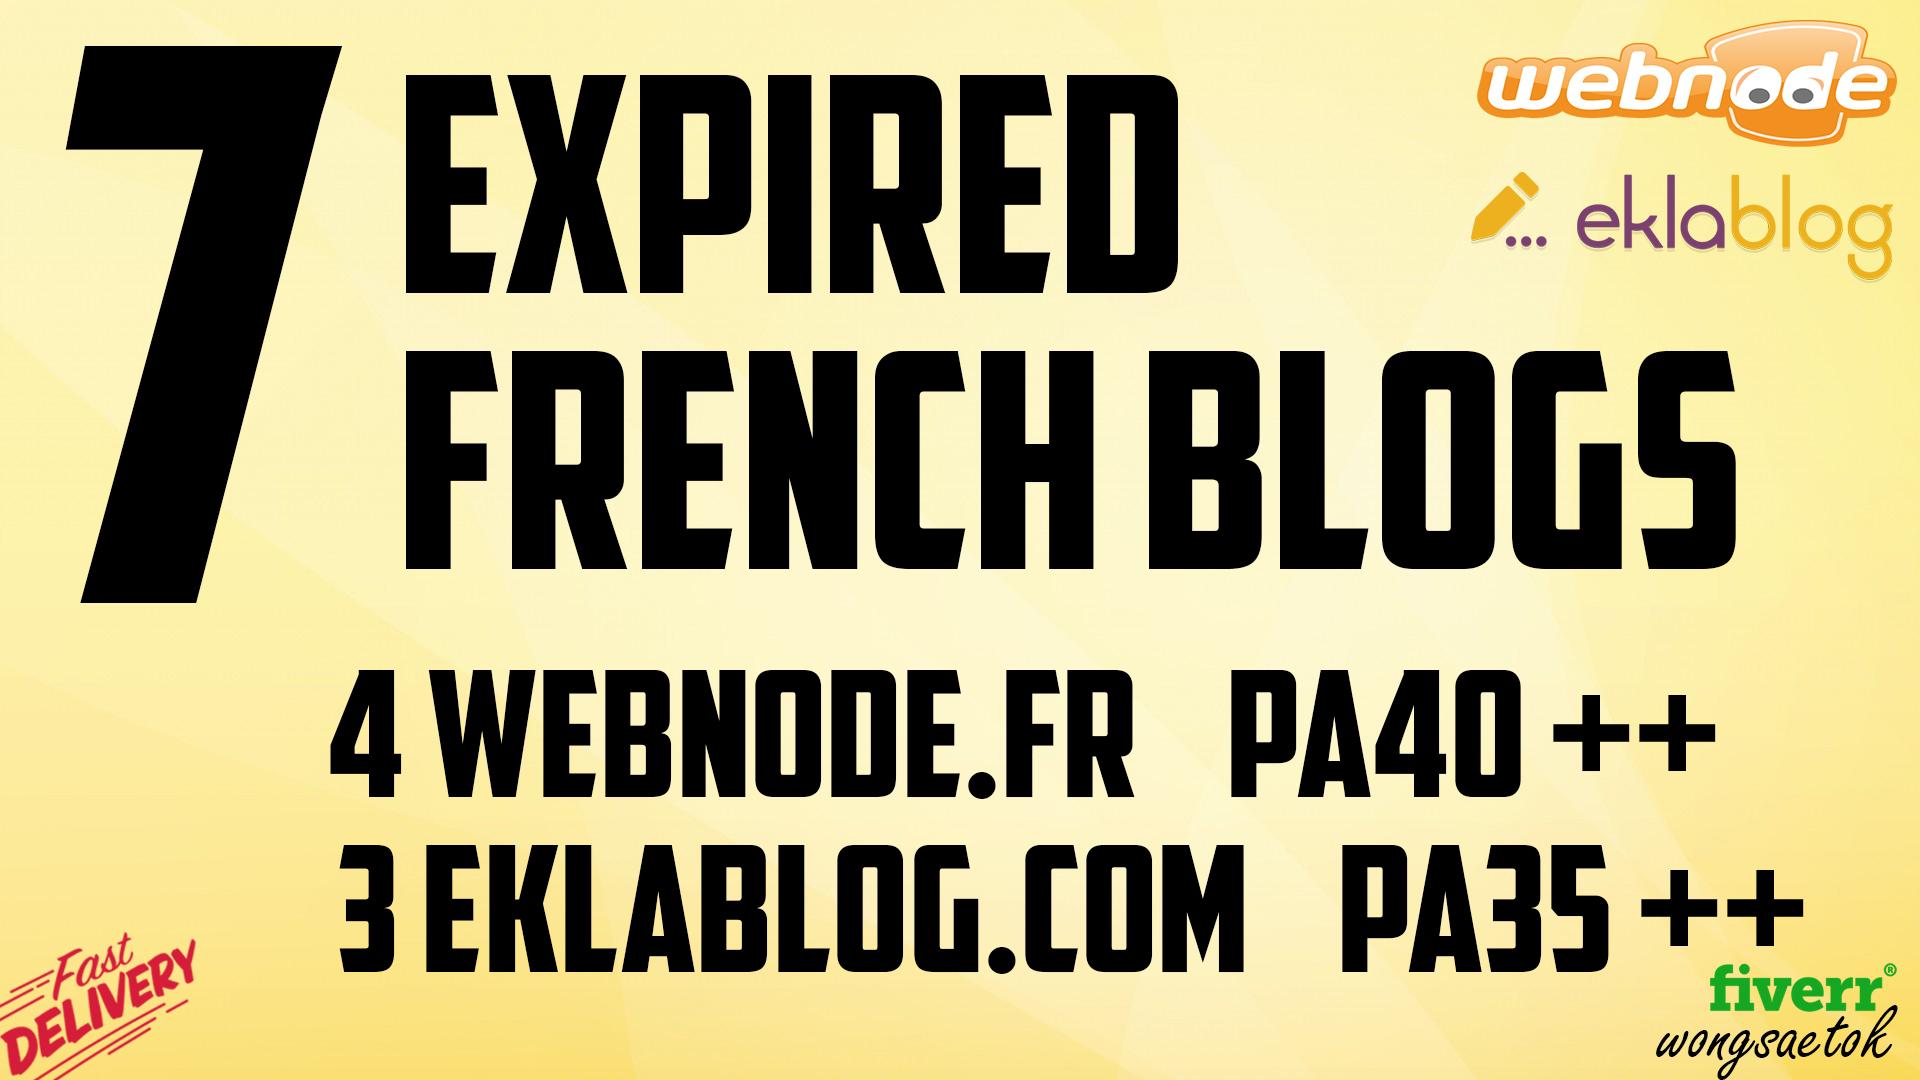 Find and Register Expired French Blog Webnode Eklablog Pa40